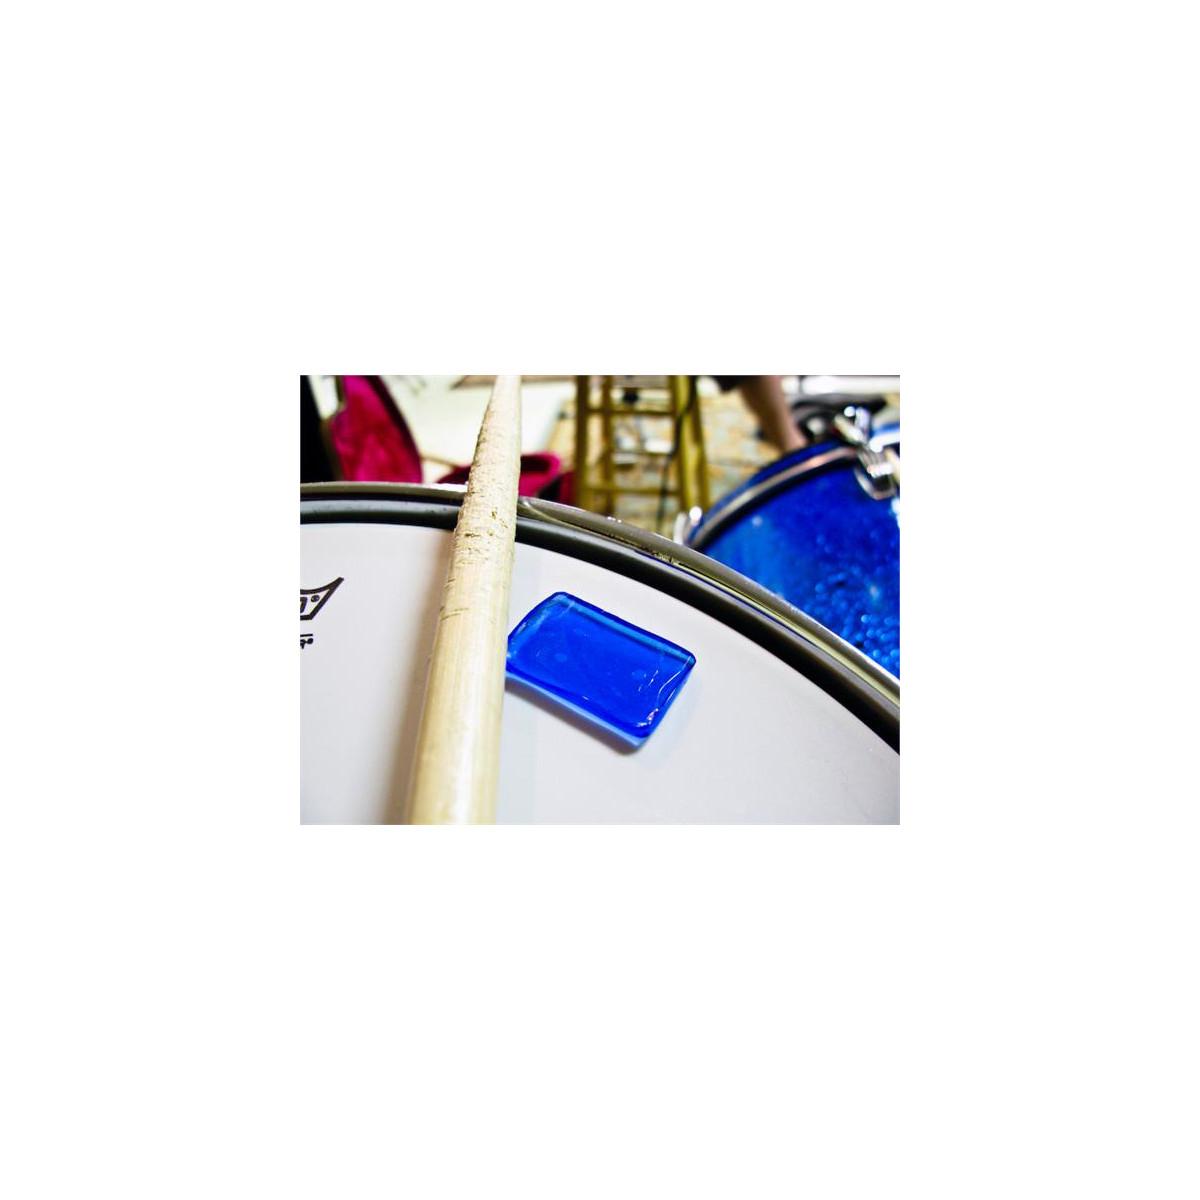 Moongel Atténuateurs D'Harmoniques (X6)